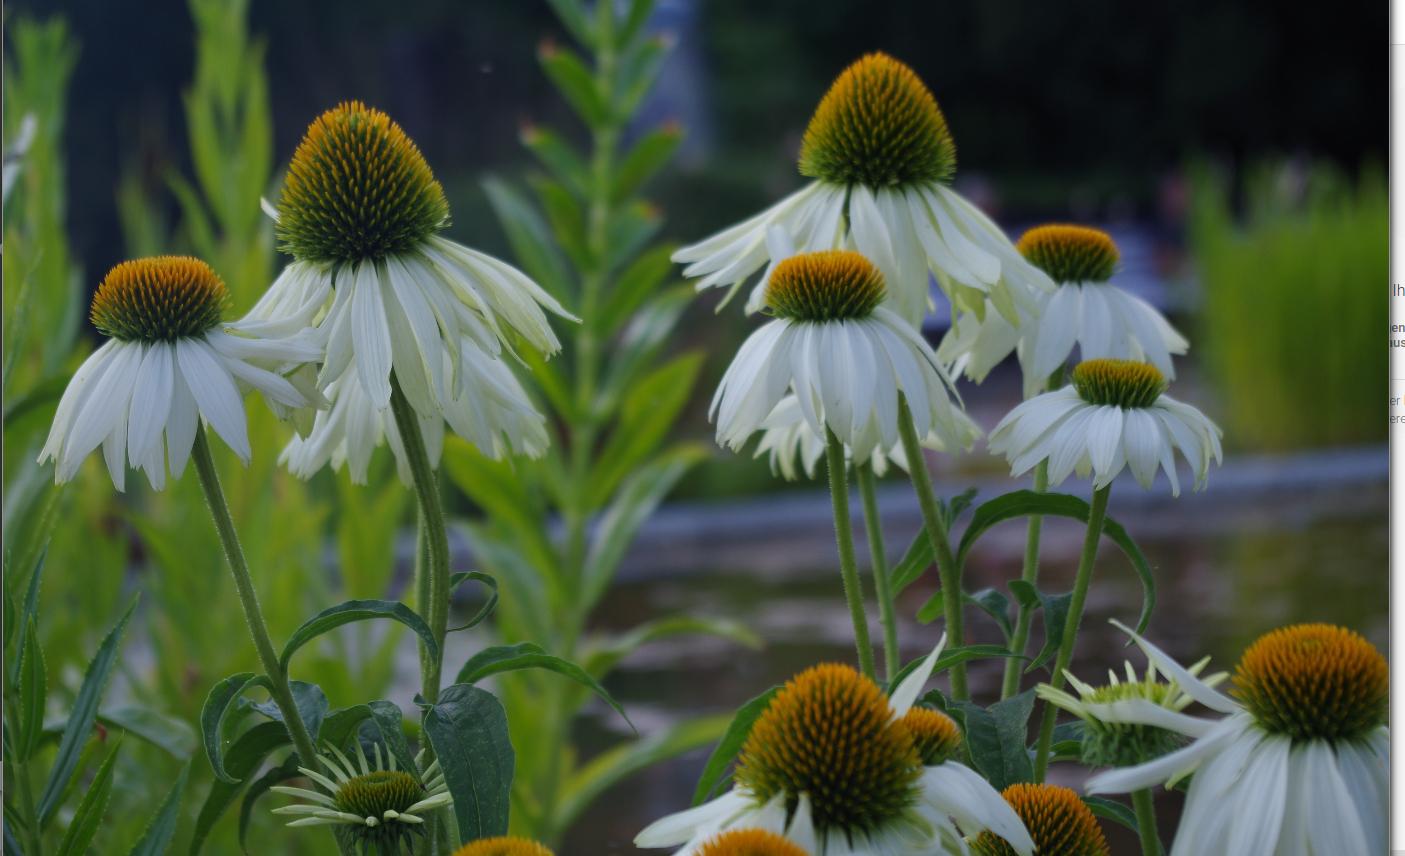 Blumenbilder Download | Freeware.de für Blumenbilder Zum Ausdrucken